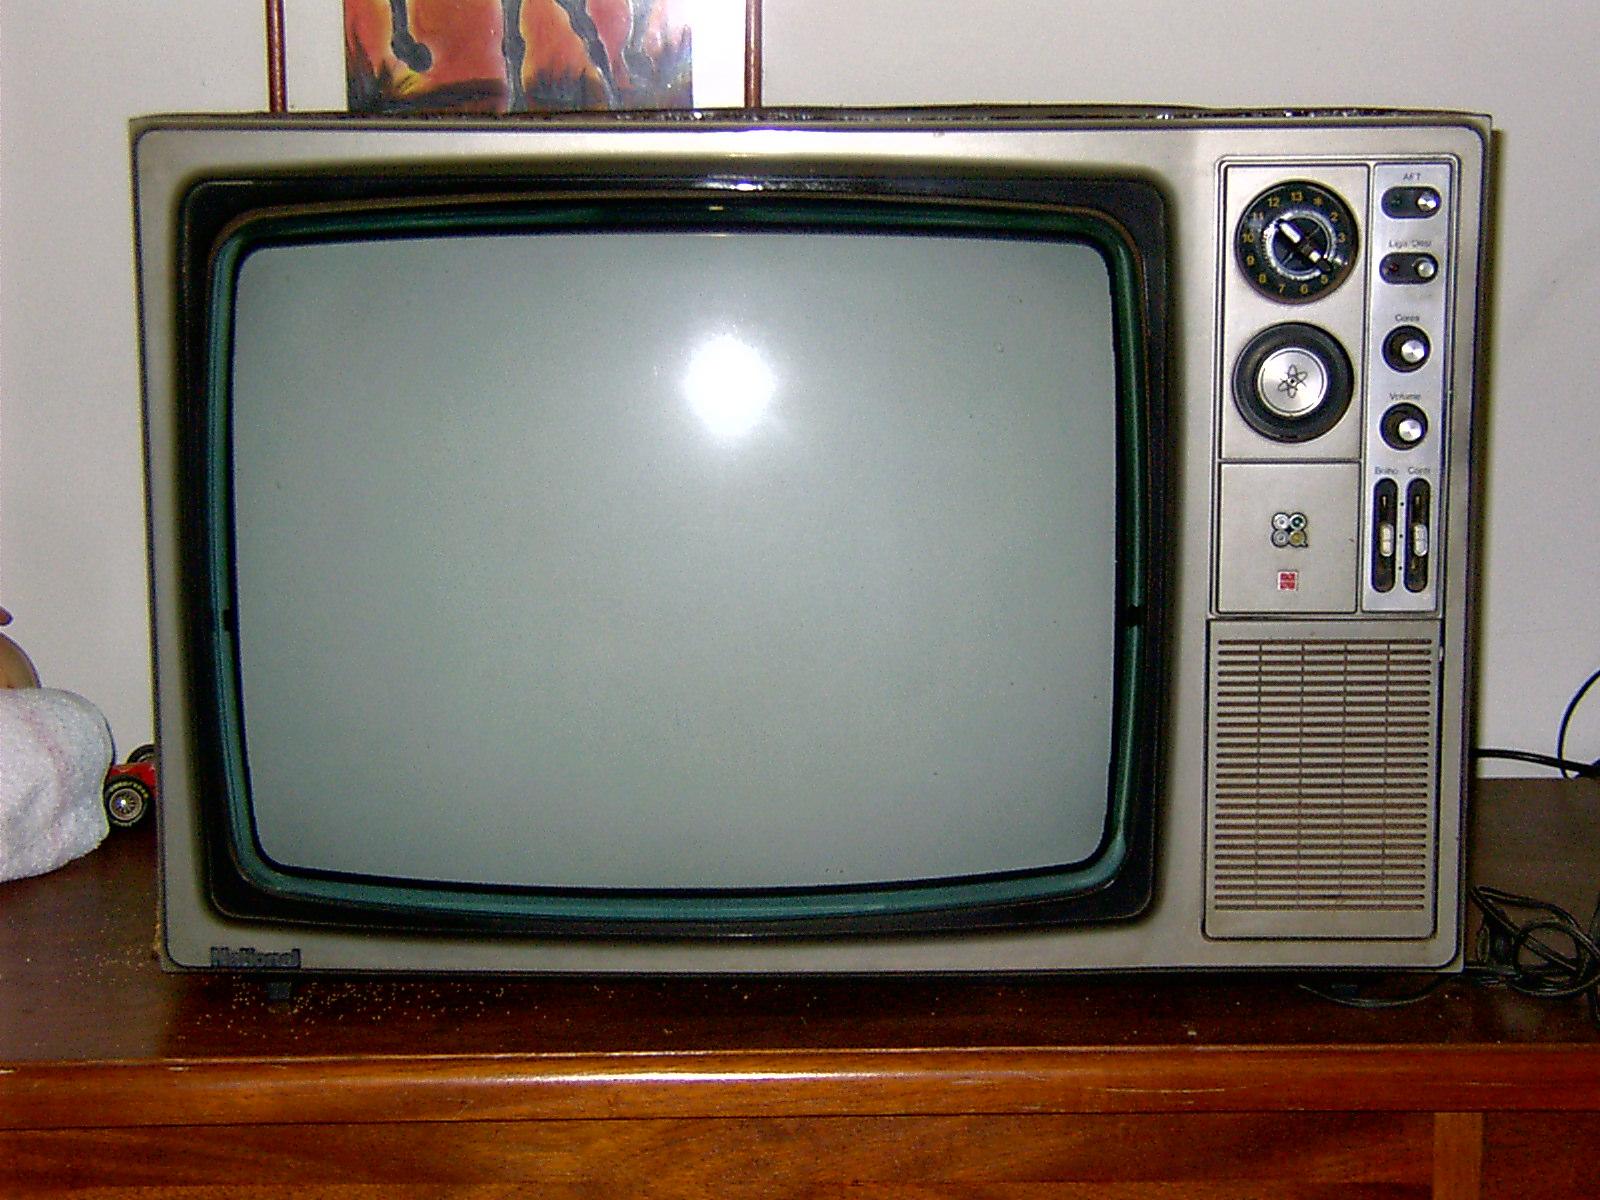 Voc ao vento evolu o tv - Television anos 70 ...